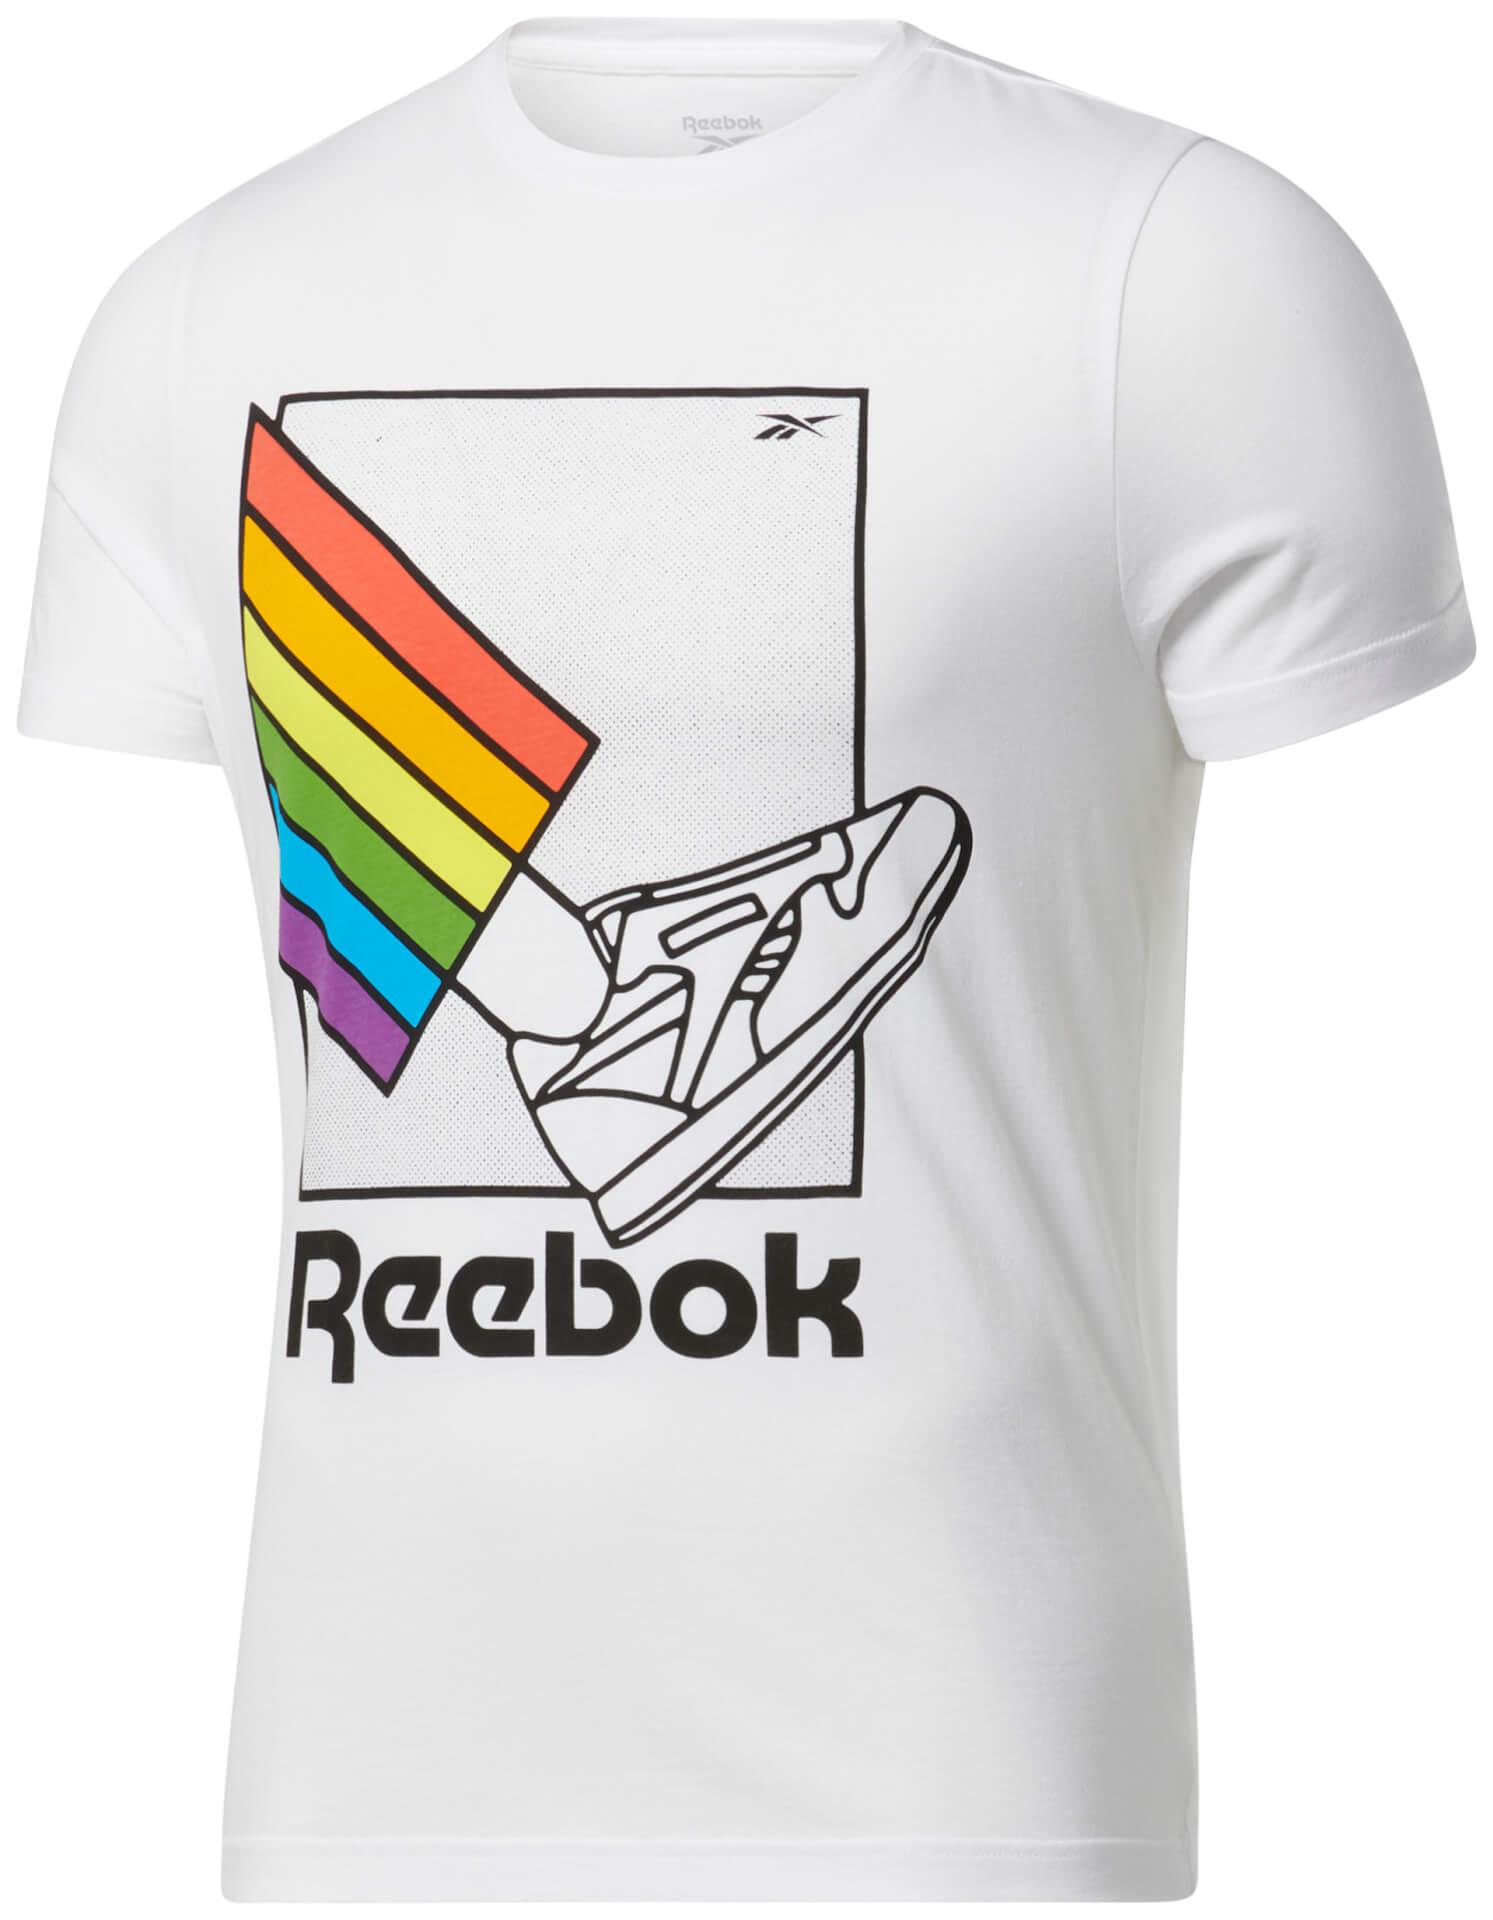 """リーボックより6月のプライド月間を祝うレインボーカラーのコレクション「Pride 2021 """"All Types of Love""""」が登場! life210517_reebok-all-types-of-love-210517_12"""